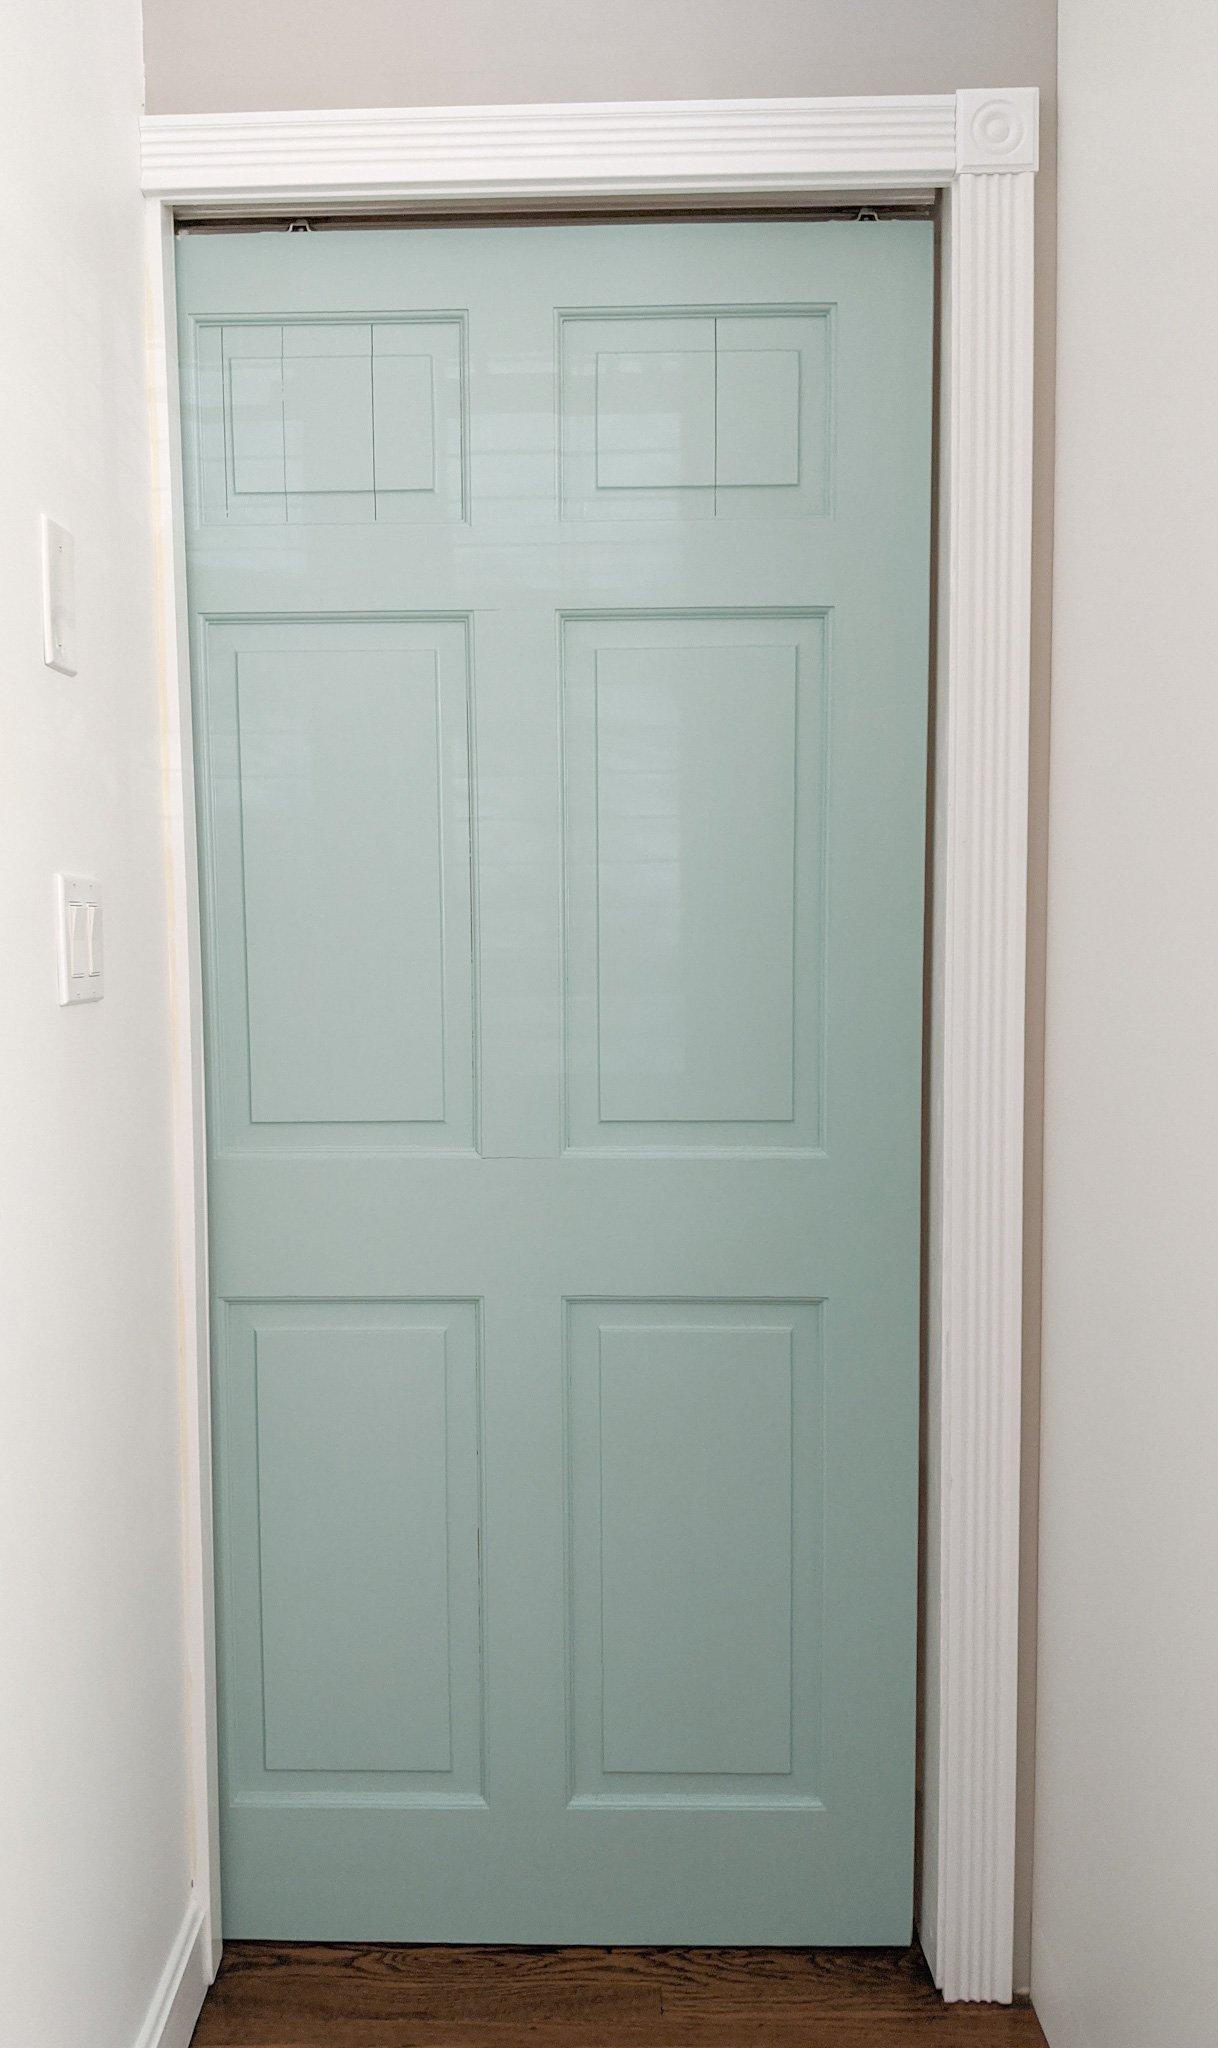 The freshly painted door